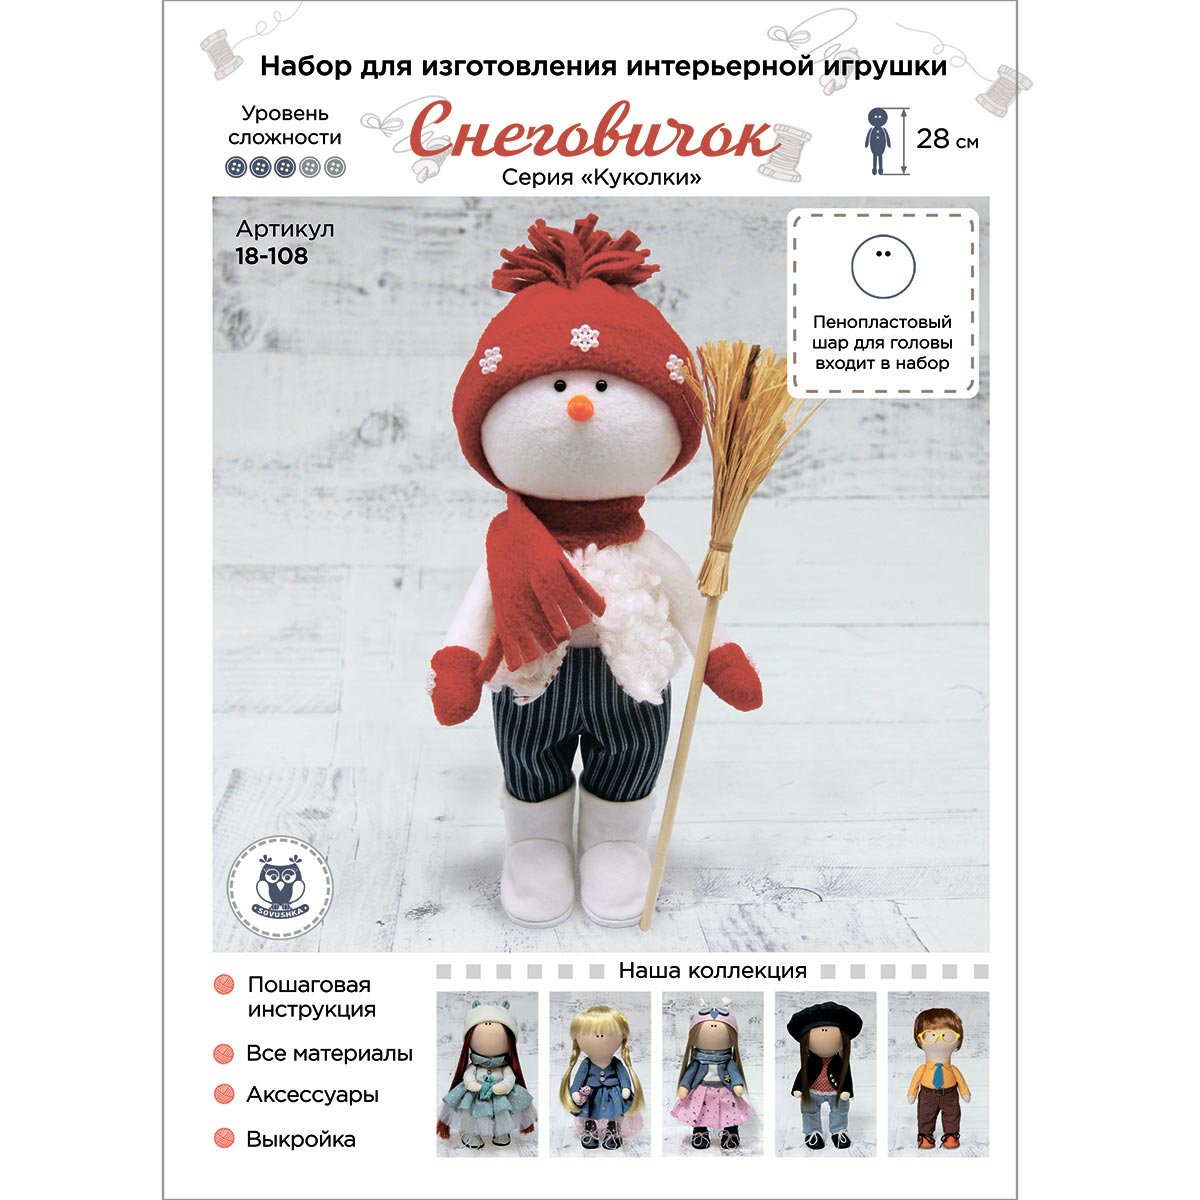 18-108 Набор для изготовления интерьерной игрушки 'Снеговичок' , 28см